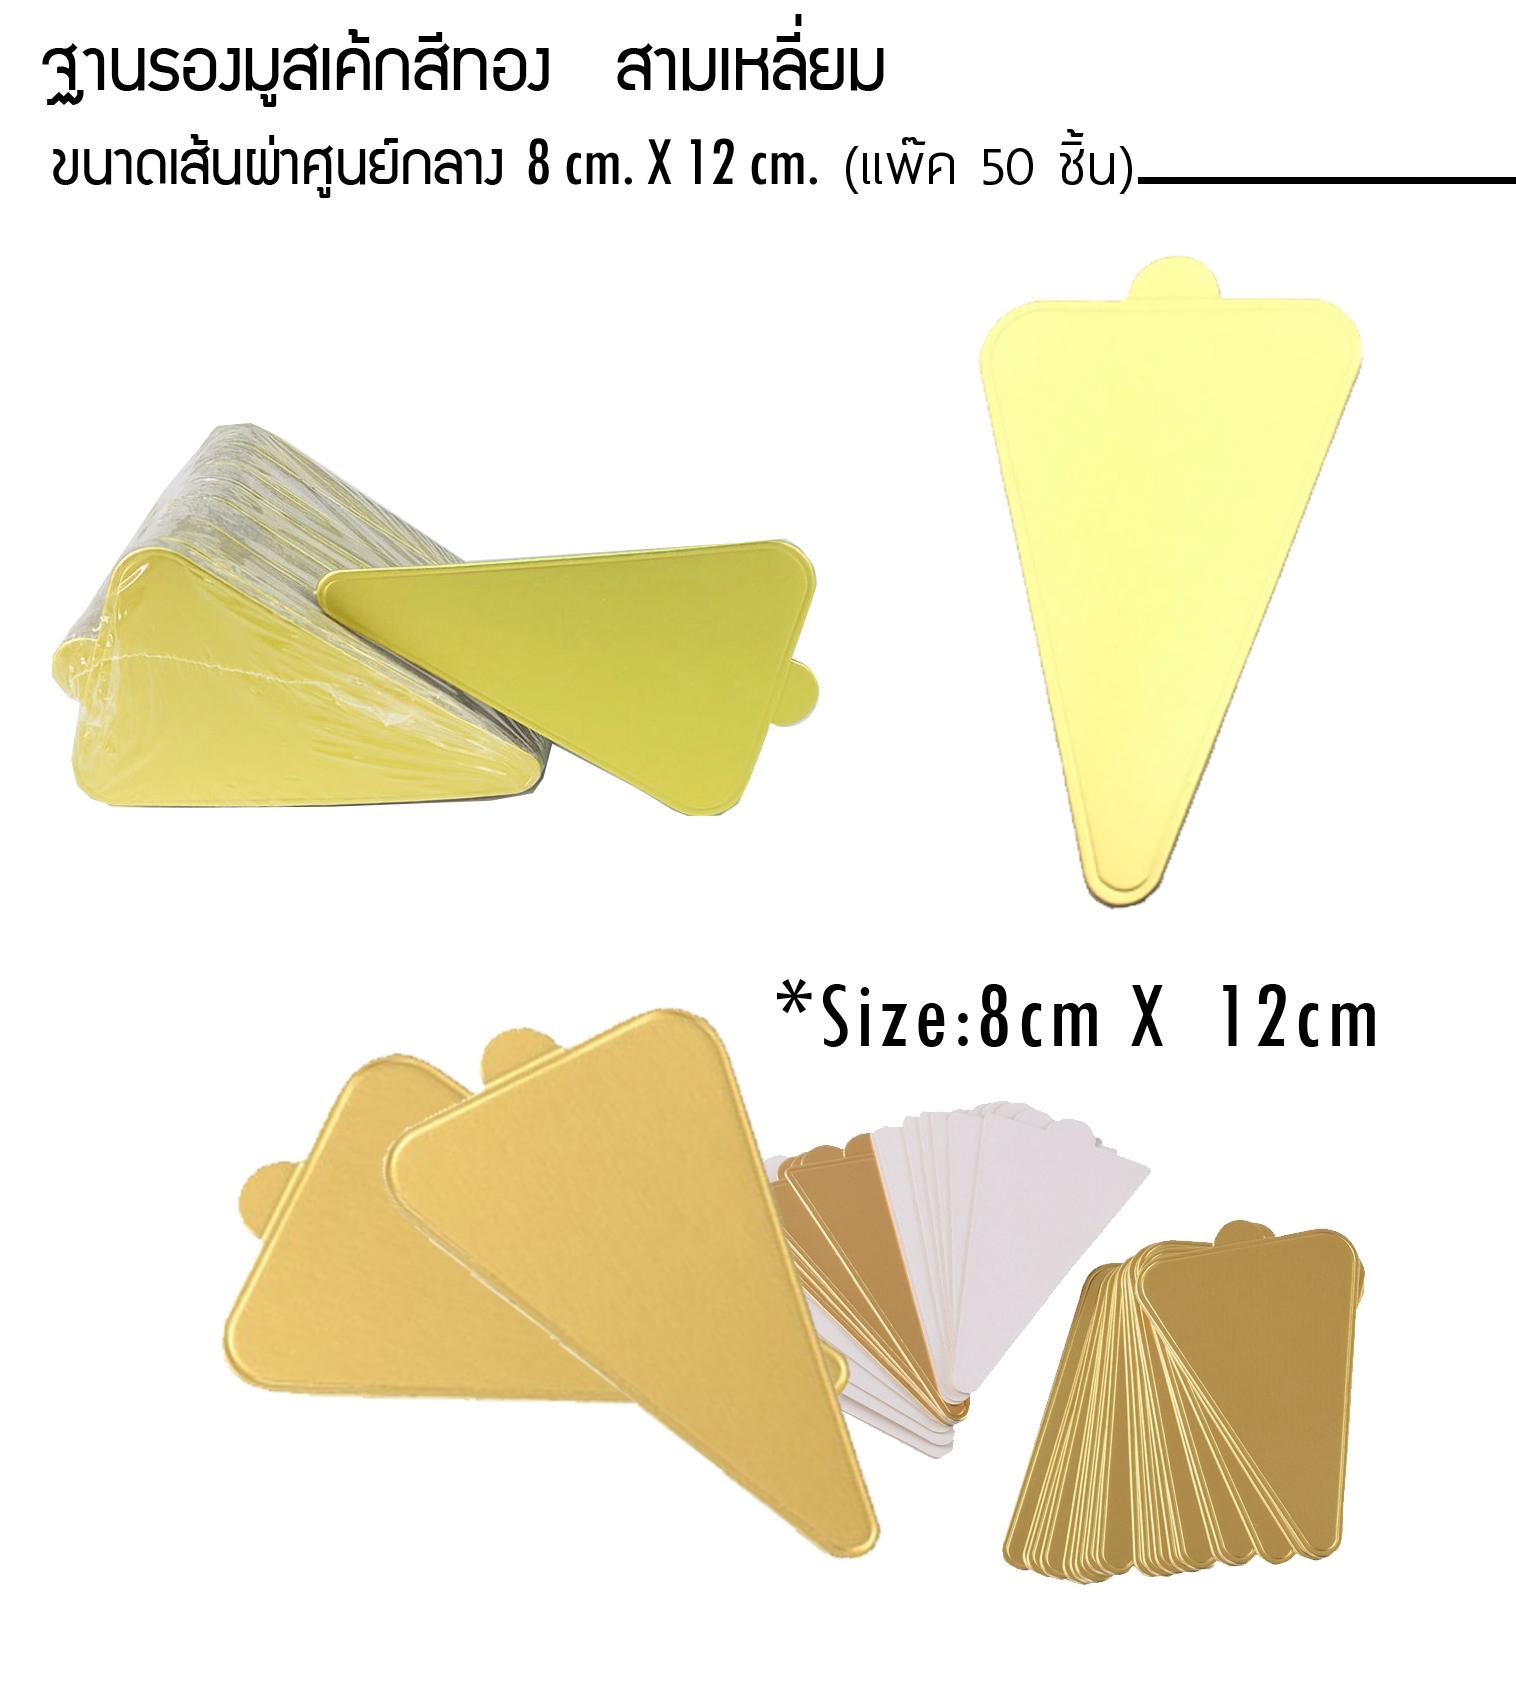 ฐานรองมูสเค้กสีทอง สามเหลี่ยม ขนาดเส้น 8 ซม. X 12 ซม. (แพ๊ค50 ชิ้น)